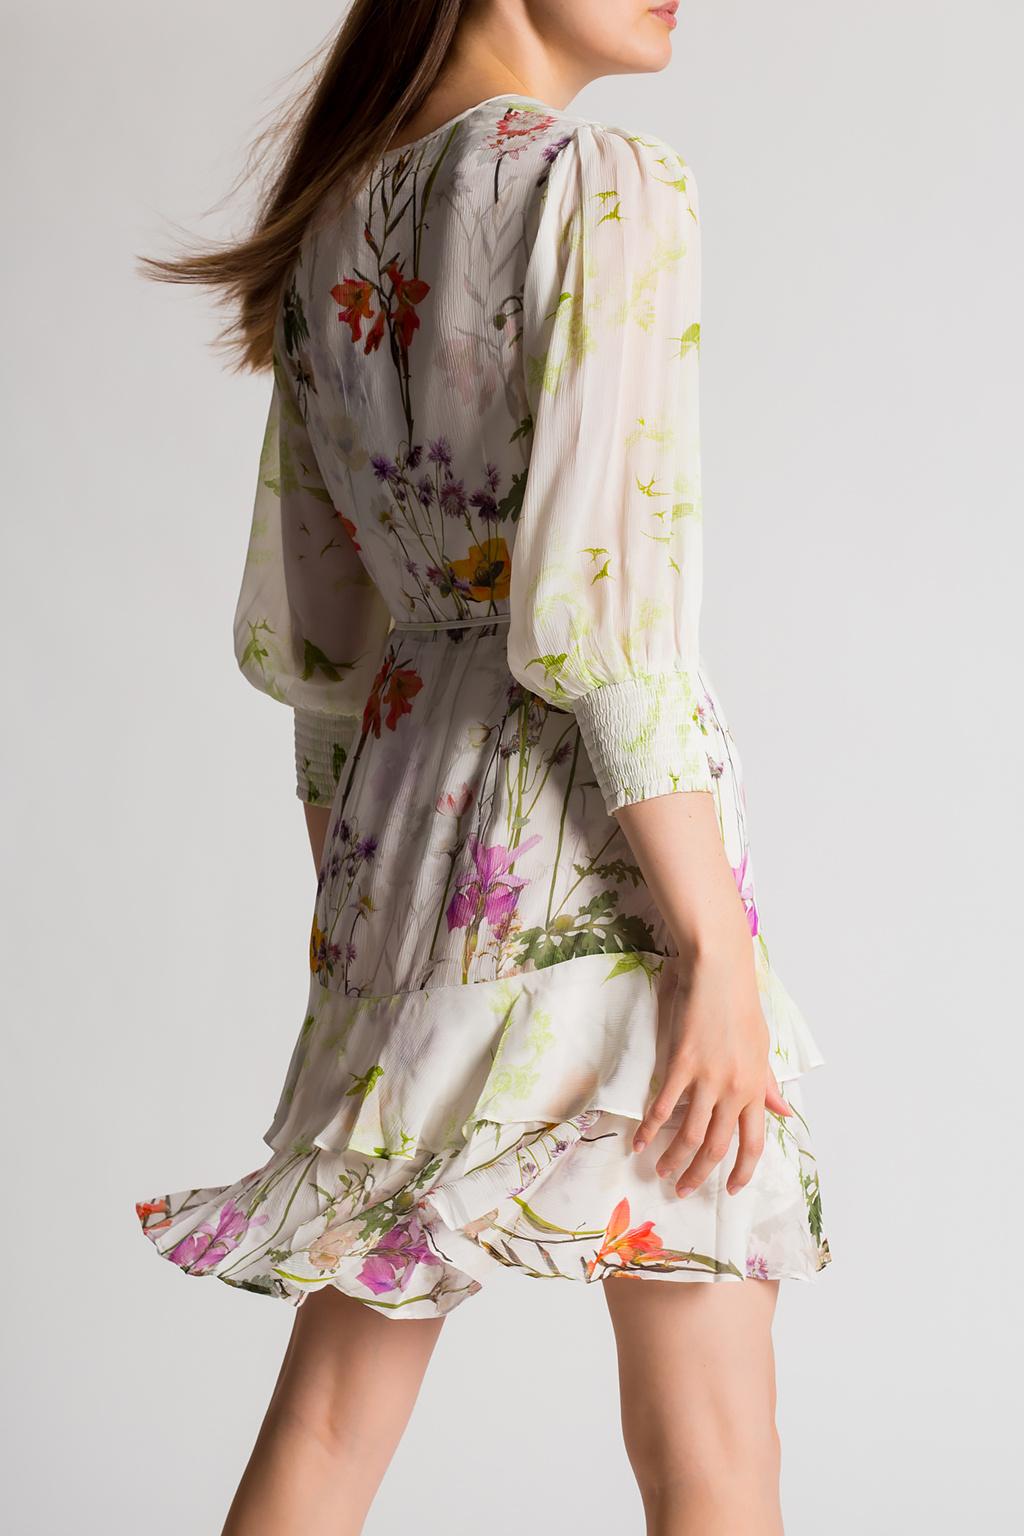 AllSaints 'Ari' dress with floral motif